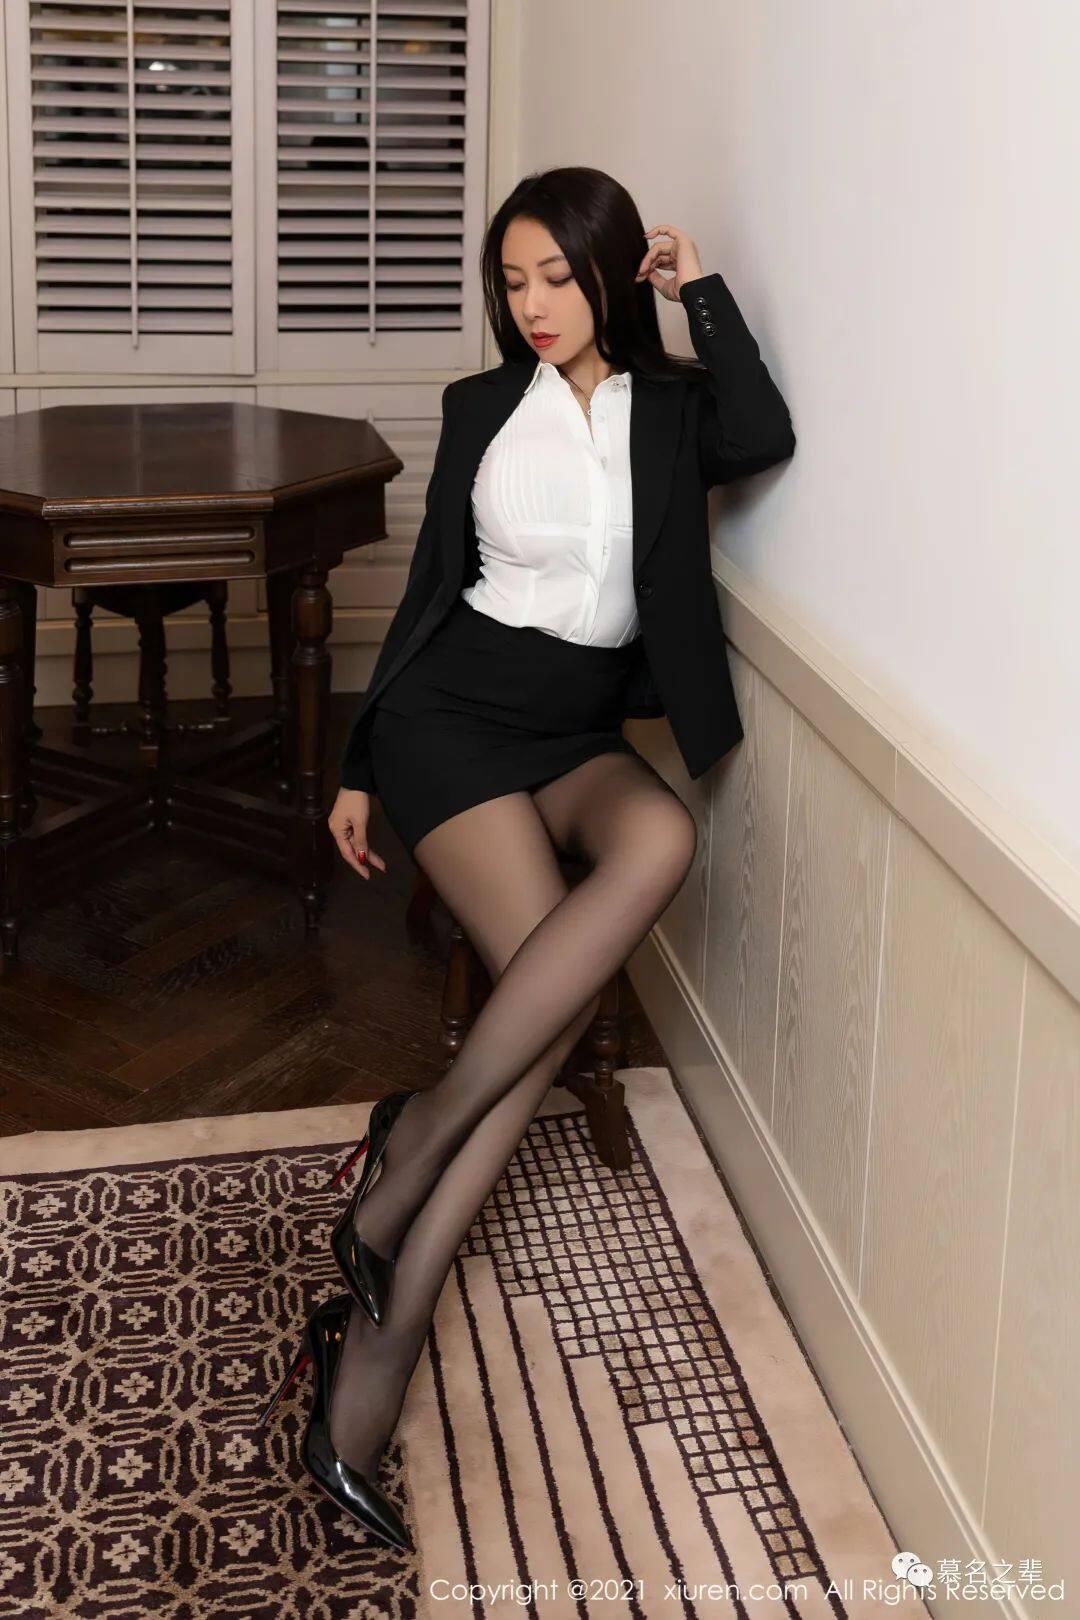 私房模特写真——松果儿Victoria(F罩杯)39